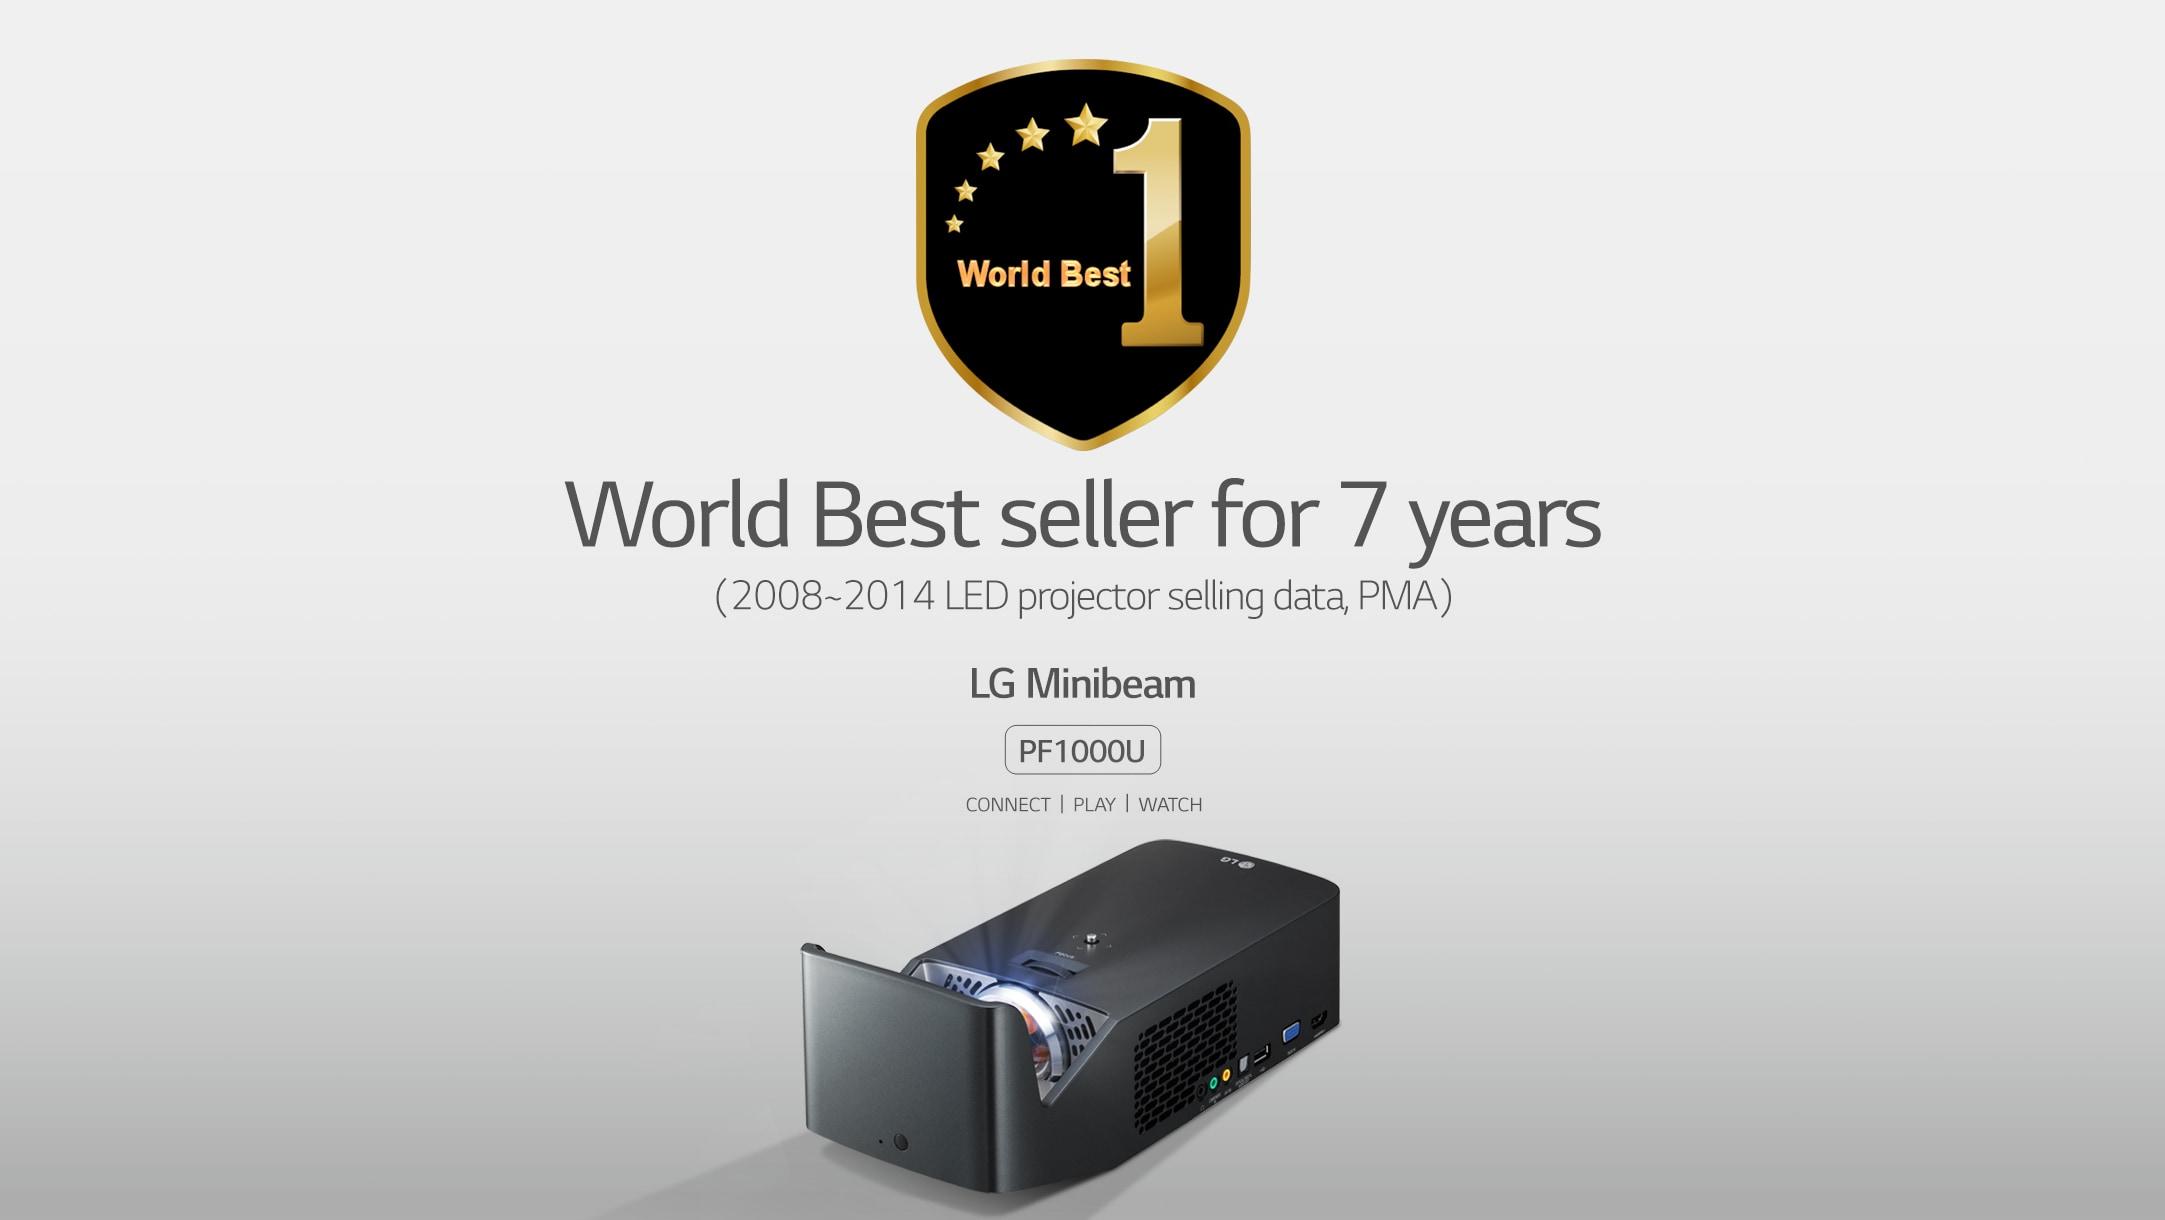 World Best seller for 7 years